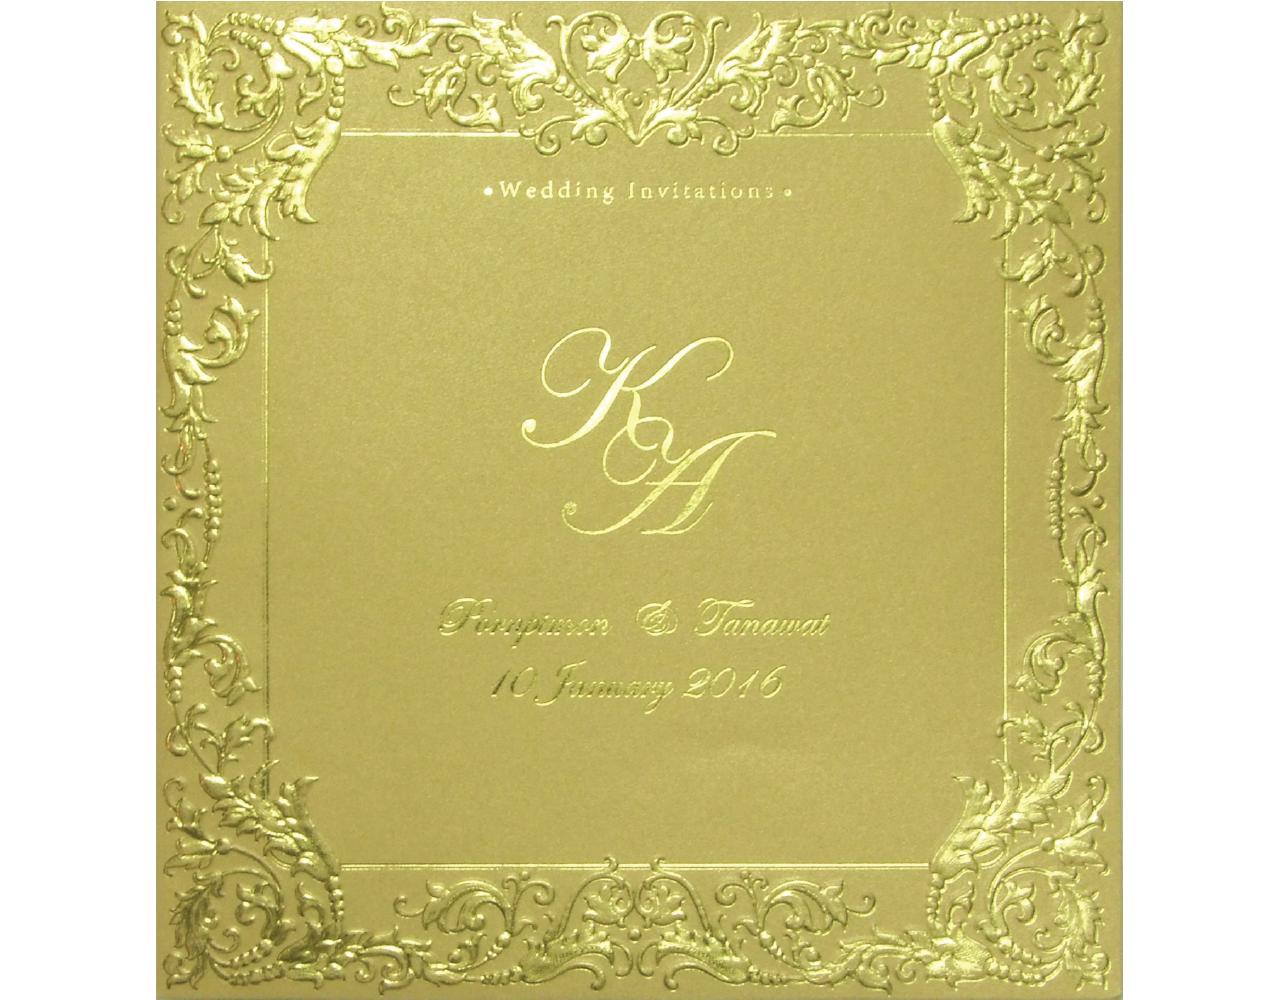 การ์ดแต่งงาน การ์ดเชิญงานแต่ง กระดาษมุกทอง ดีไซน์หรูหรา การ์ดพร้อมซอง Wedลding 16.2 x 16.5 cm SP 5724 Gold